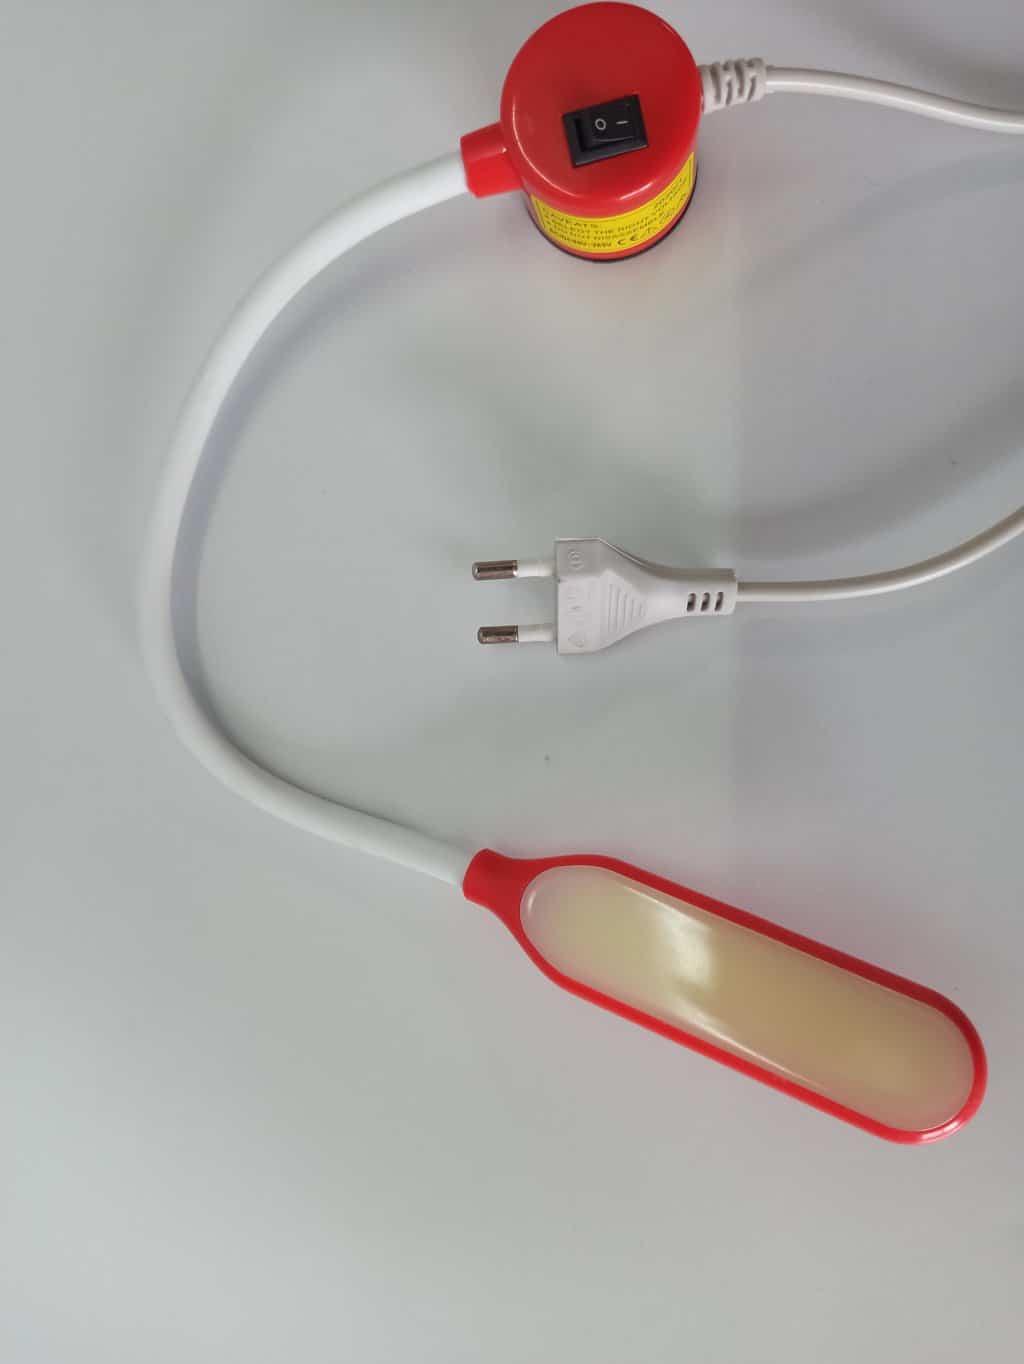 Светильник с гибкой шеей на магните для швейных машин(6W) -красный